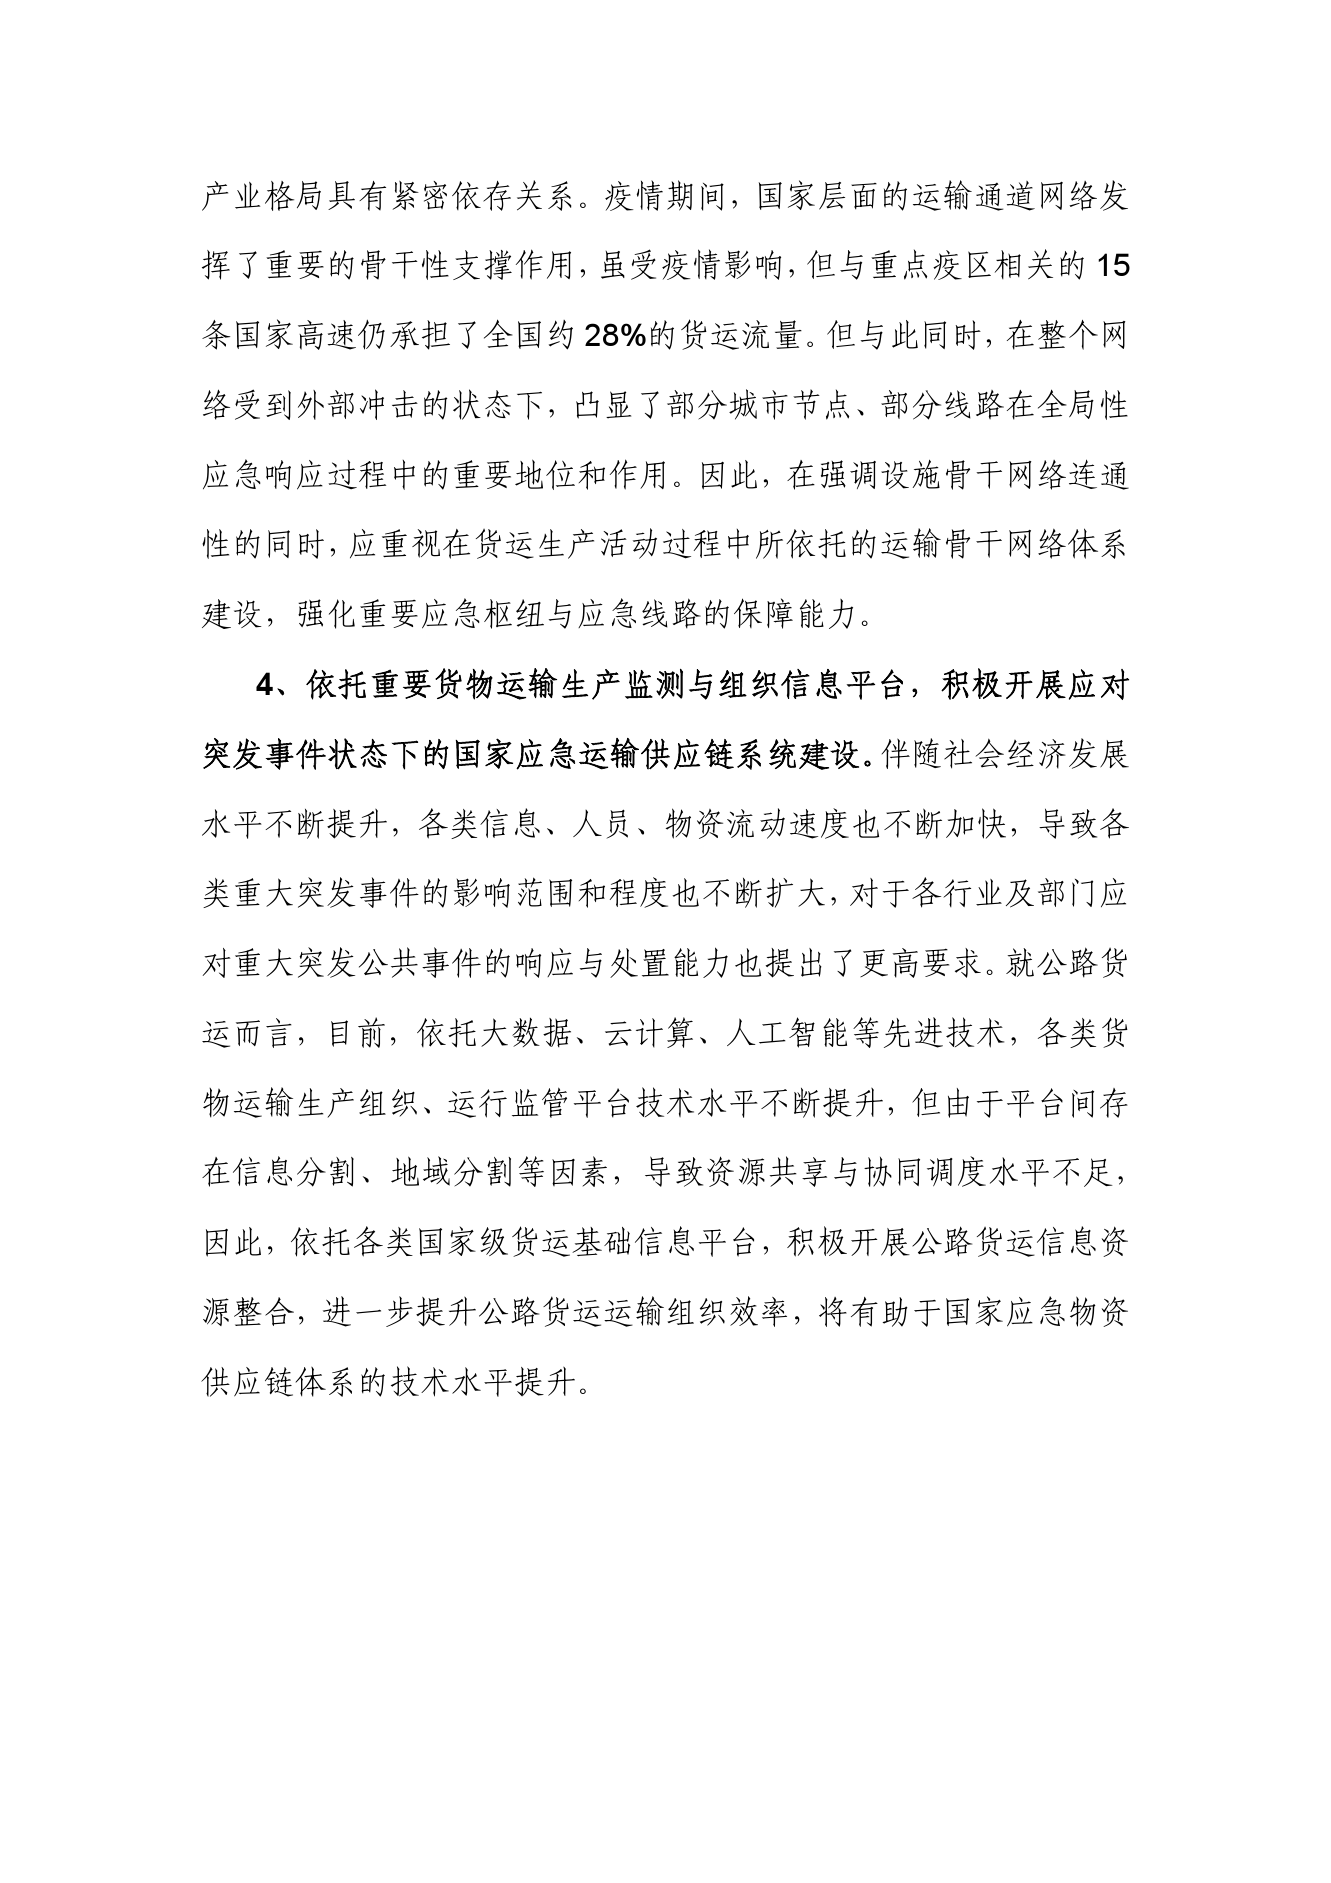 长安大学:中国公路货运疫情影响分析简报(可下载报告)插图(45)